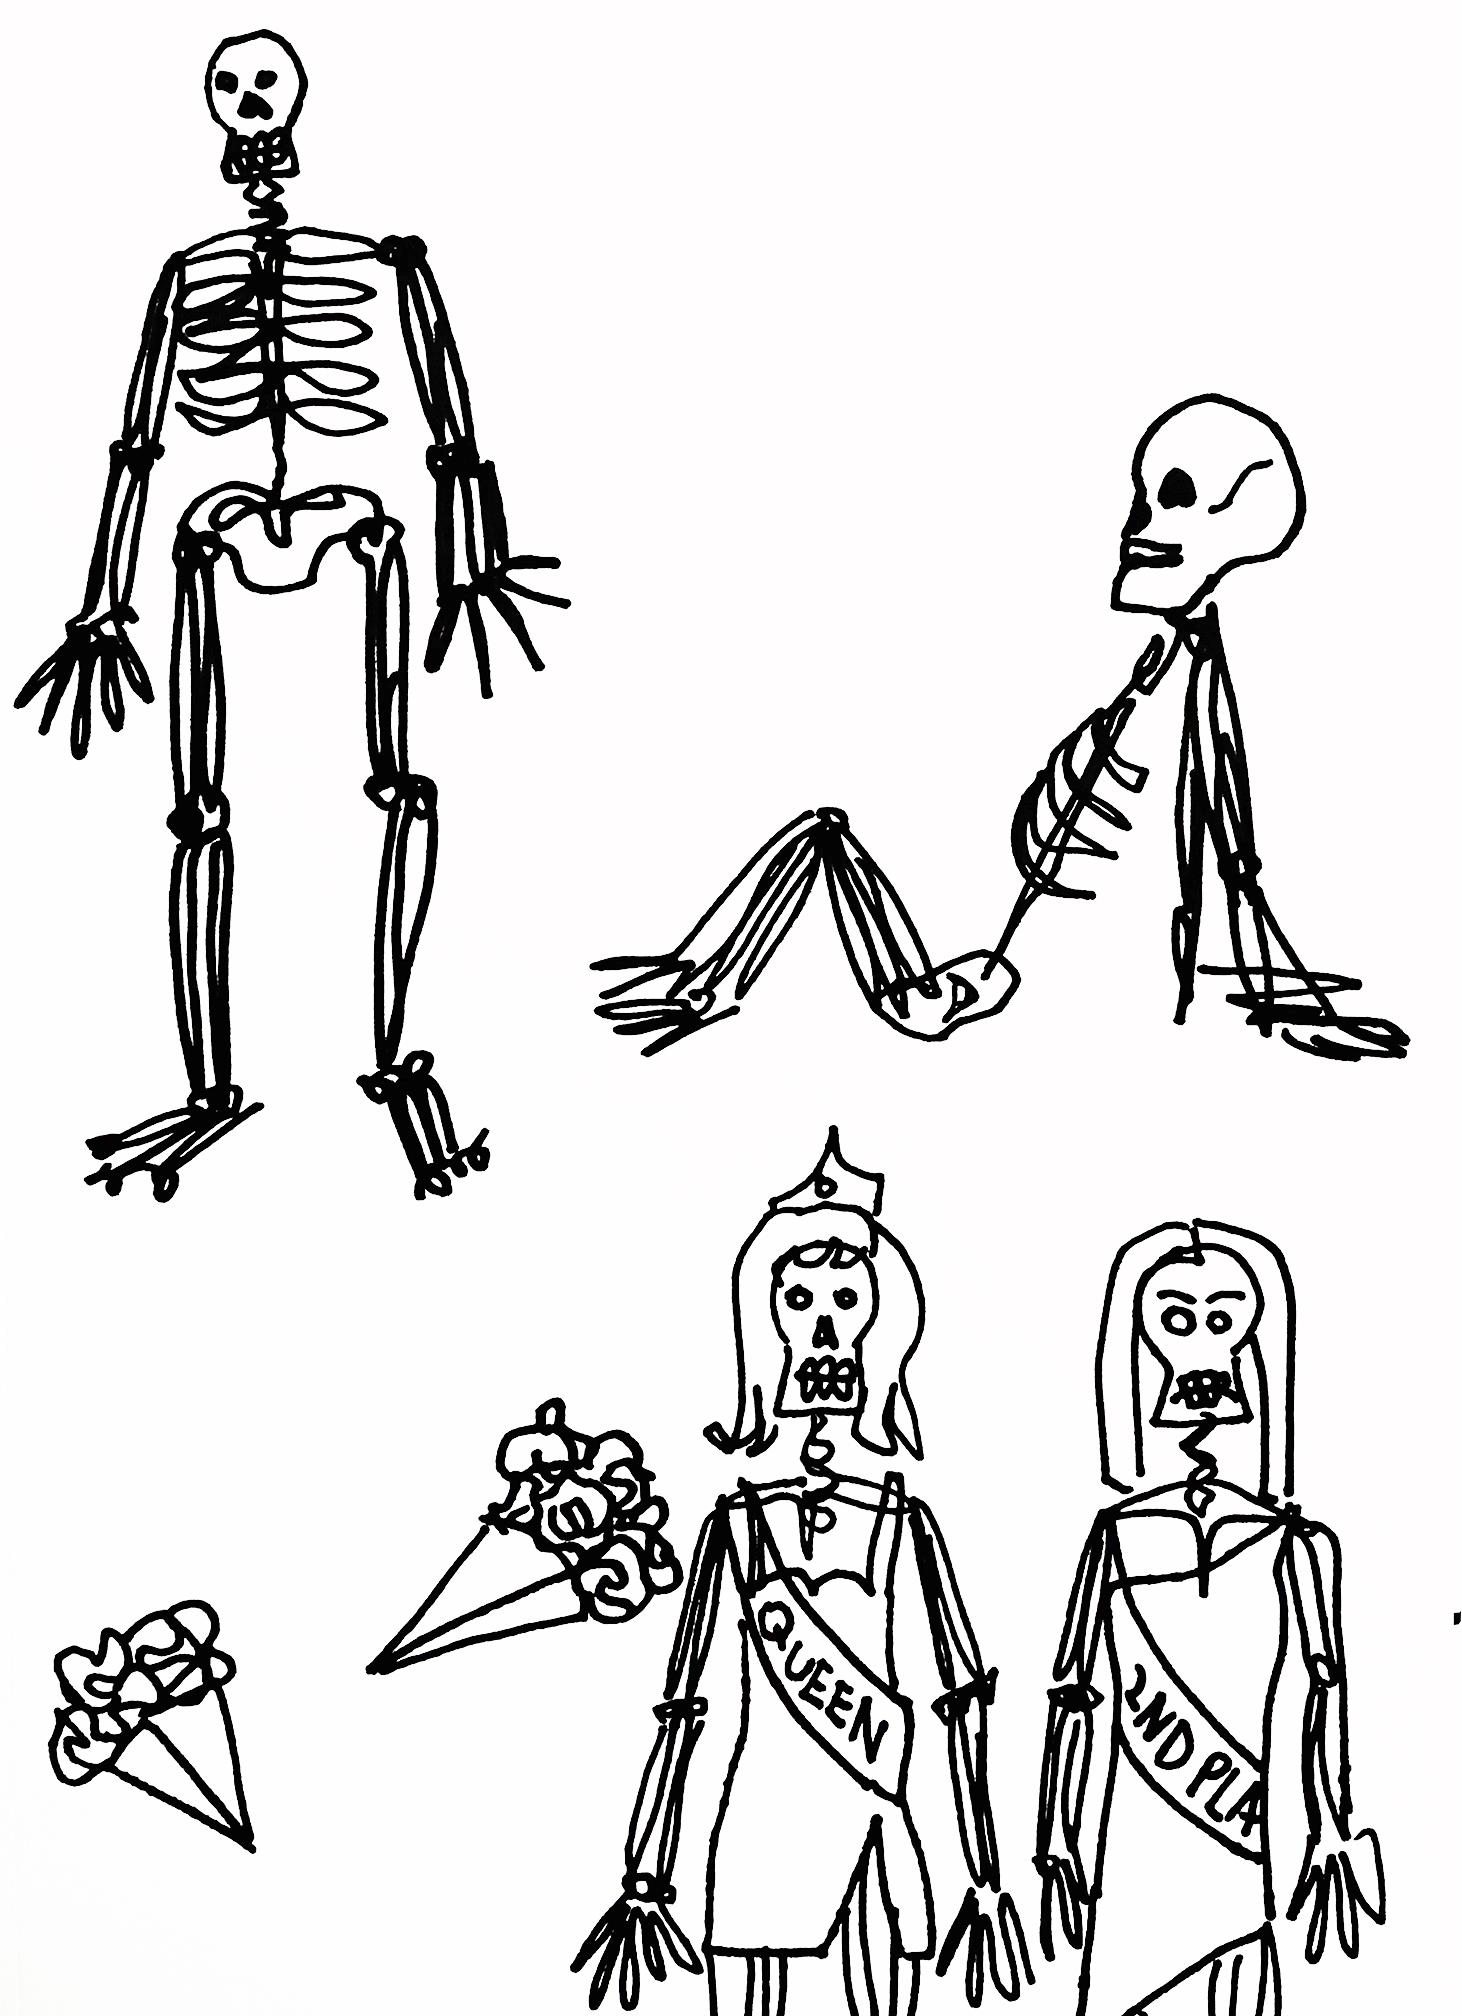 skeletons_semplice-1